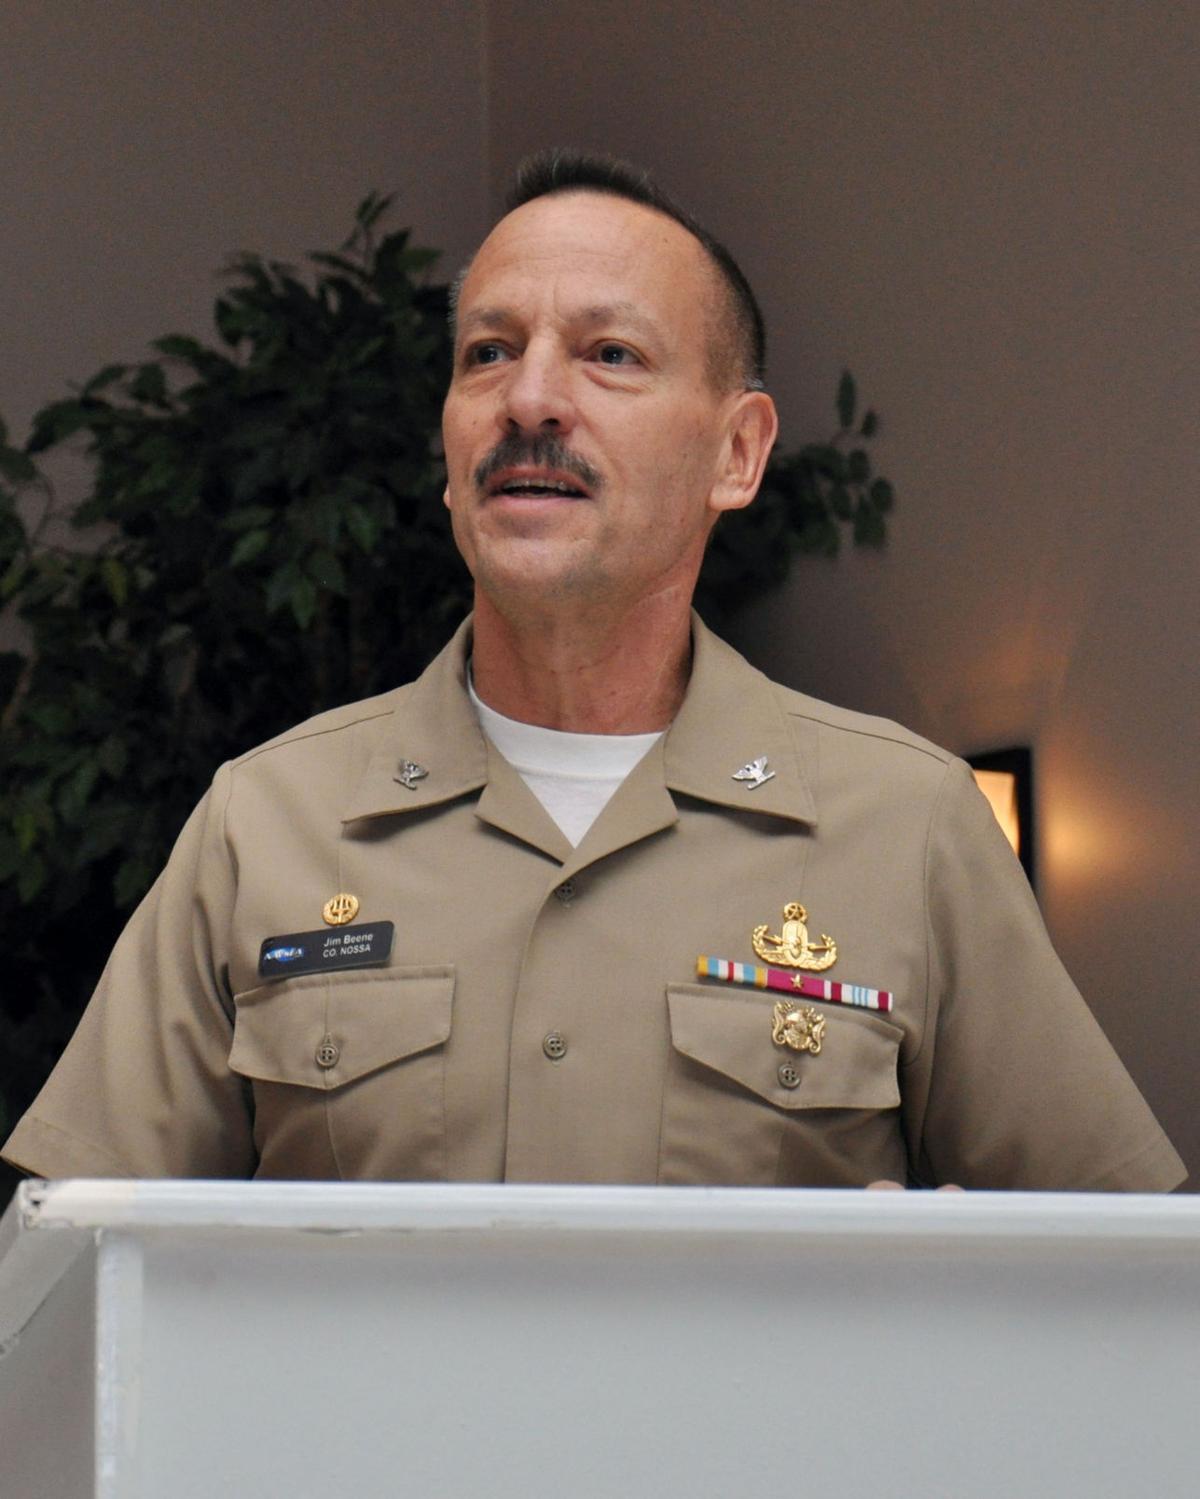 Capt. James Beene at NSASP COMREL